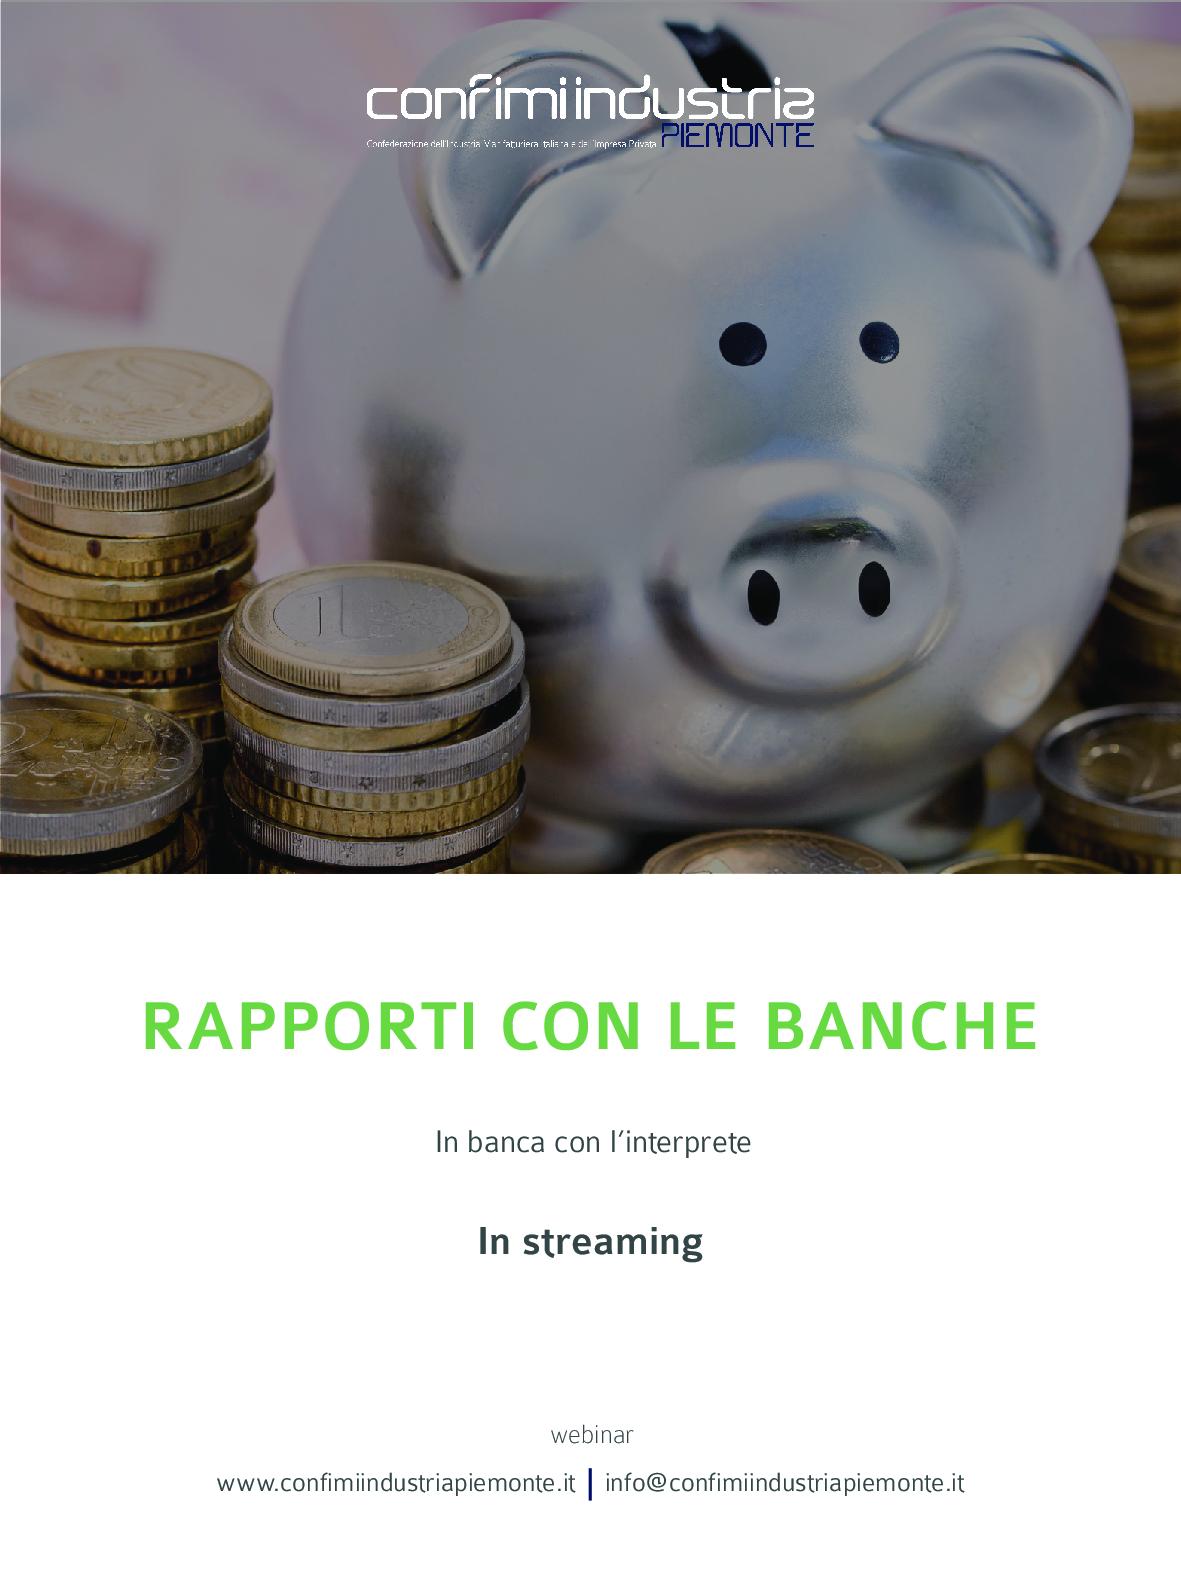 Flyer-Rapporti-con-le-banche